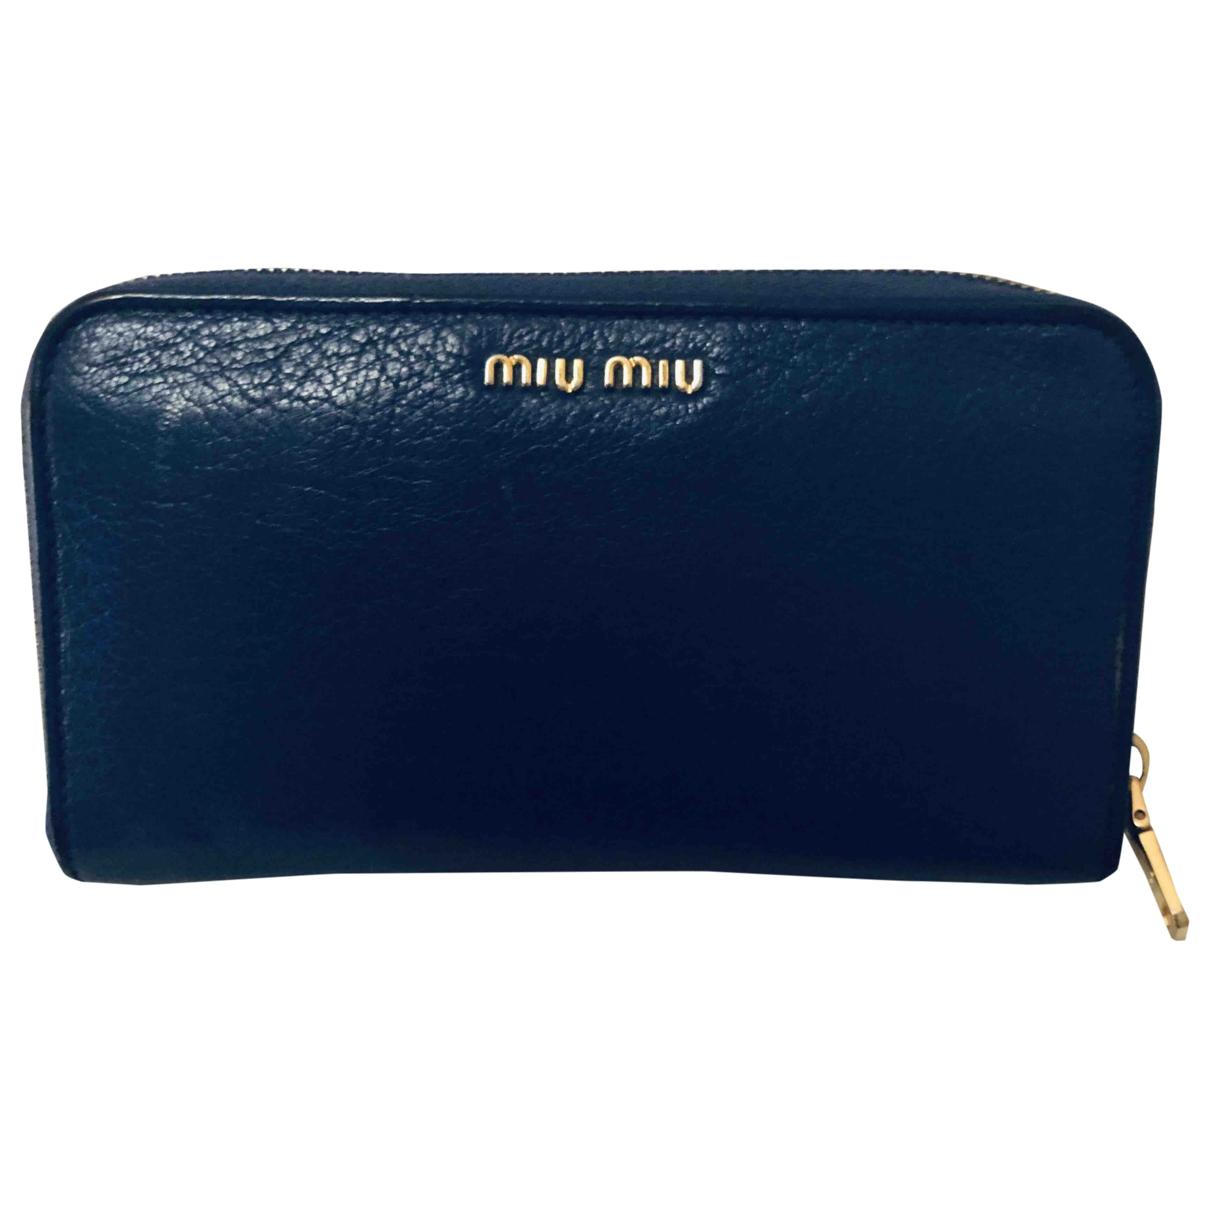 Miu Miu - Portefeuille   pour femme en cuir - bleu